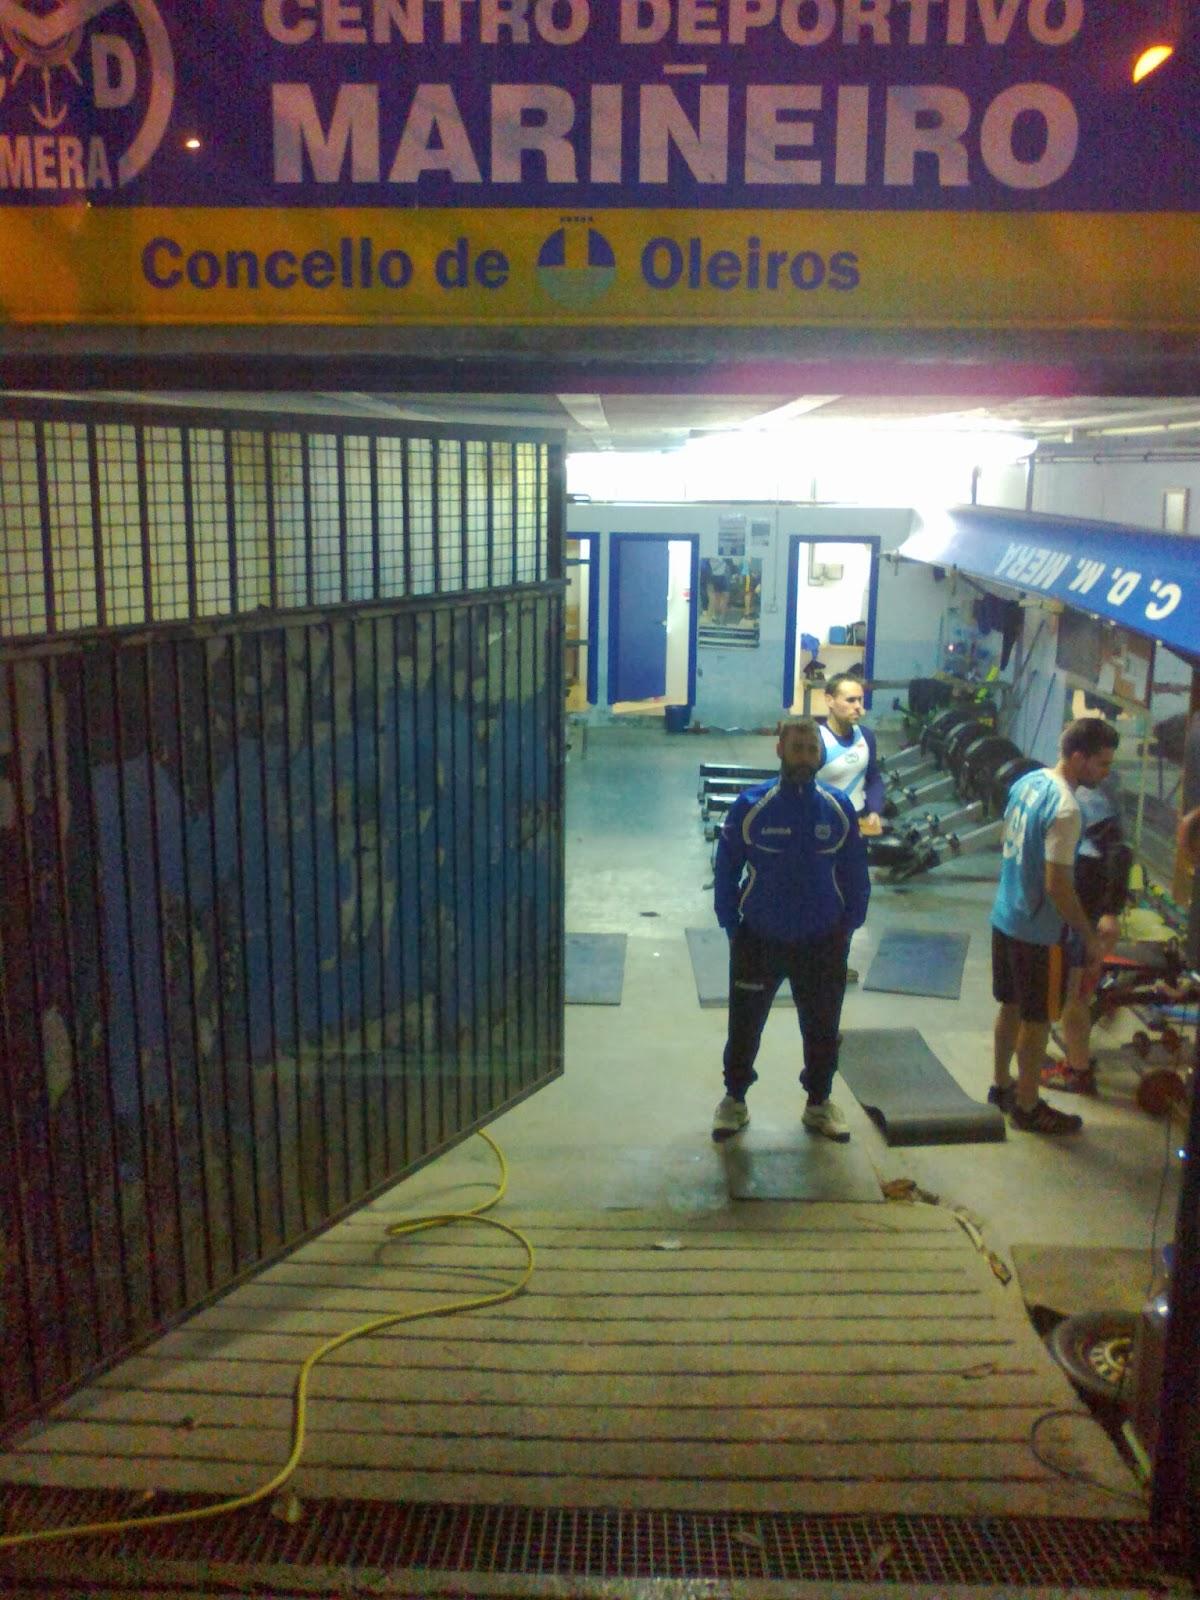 Sintonia deportiva oleiros mari eiros de mera y club for Gimnasio oleiros